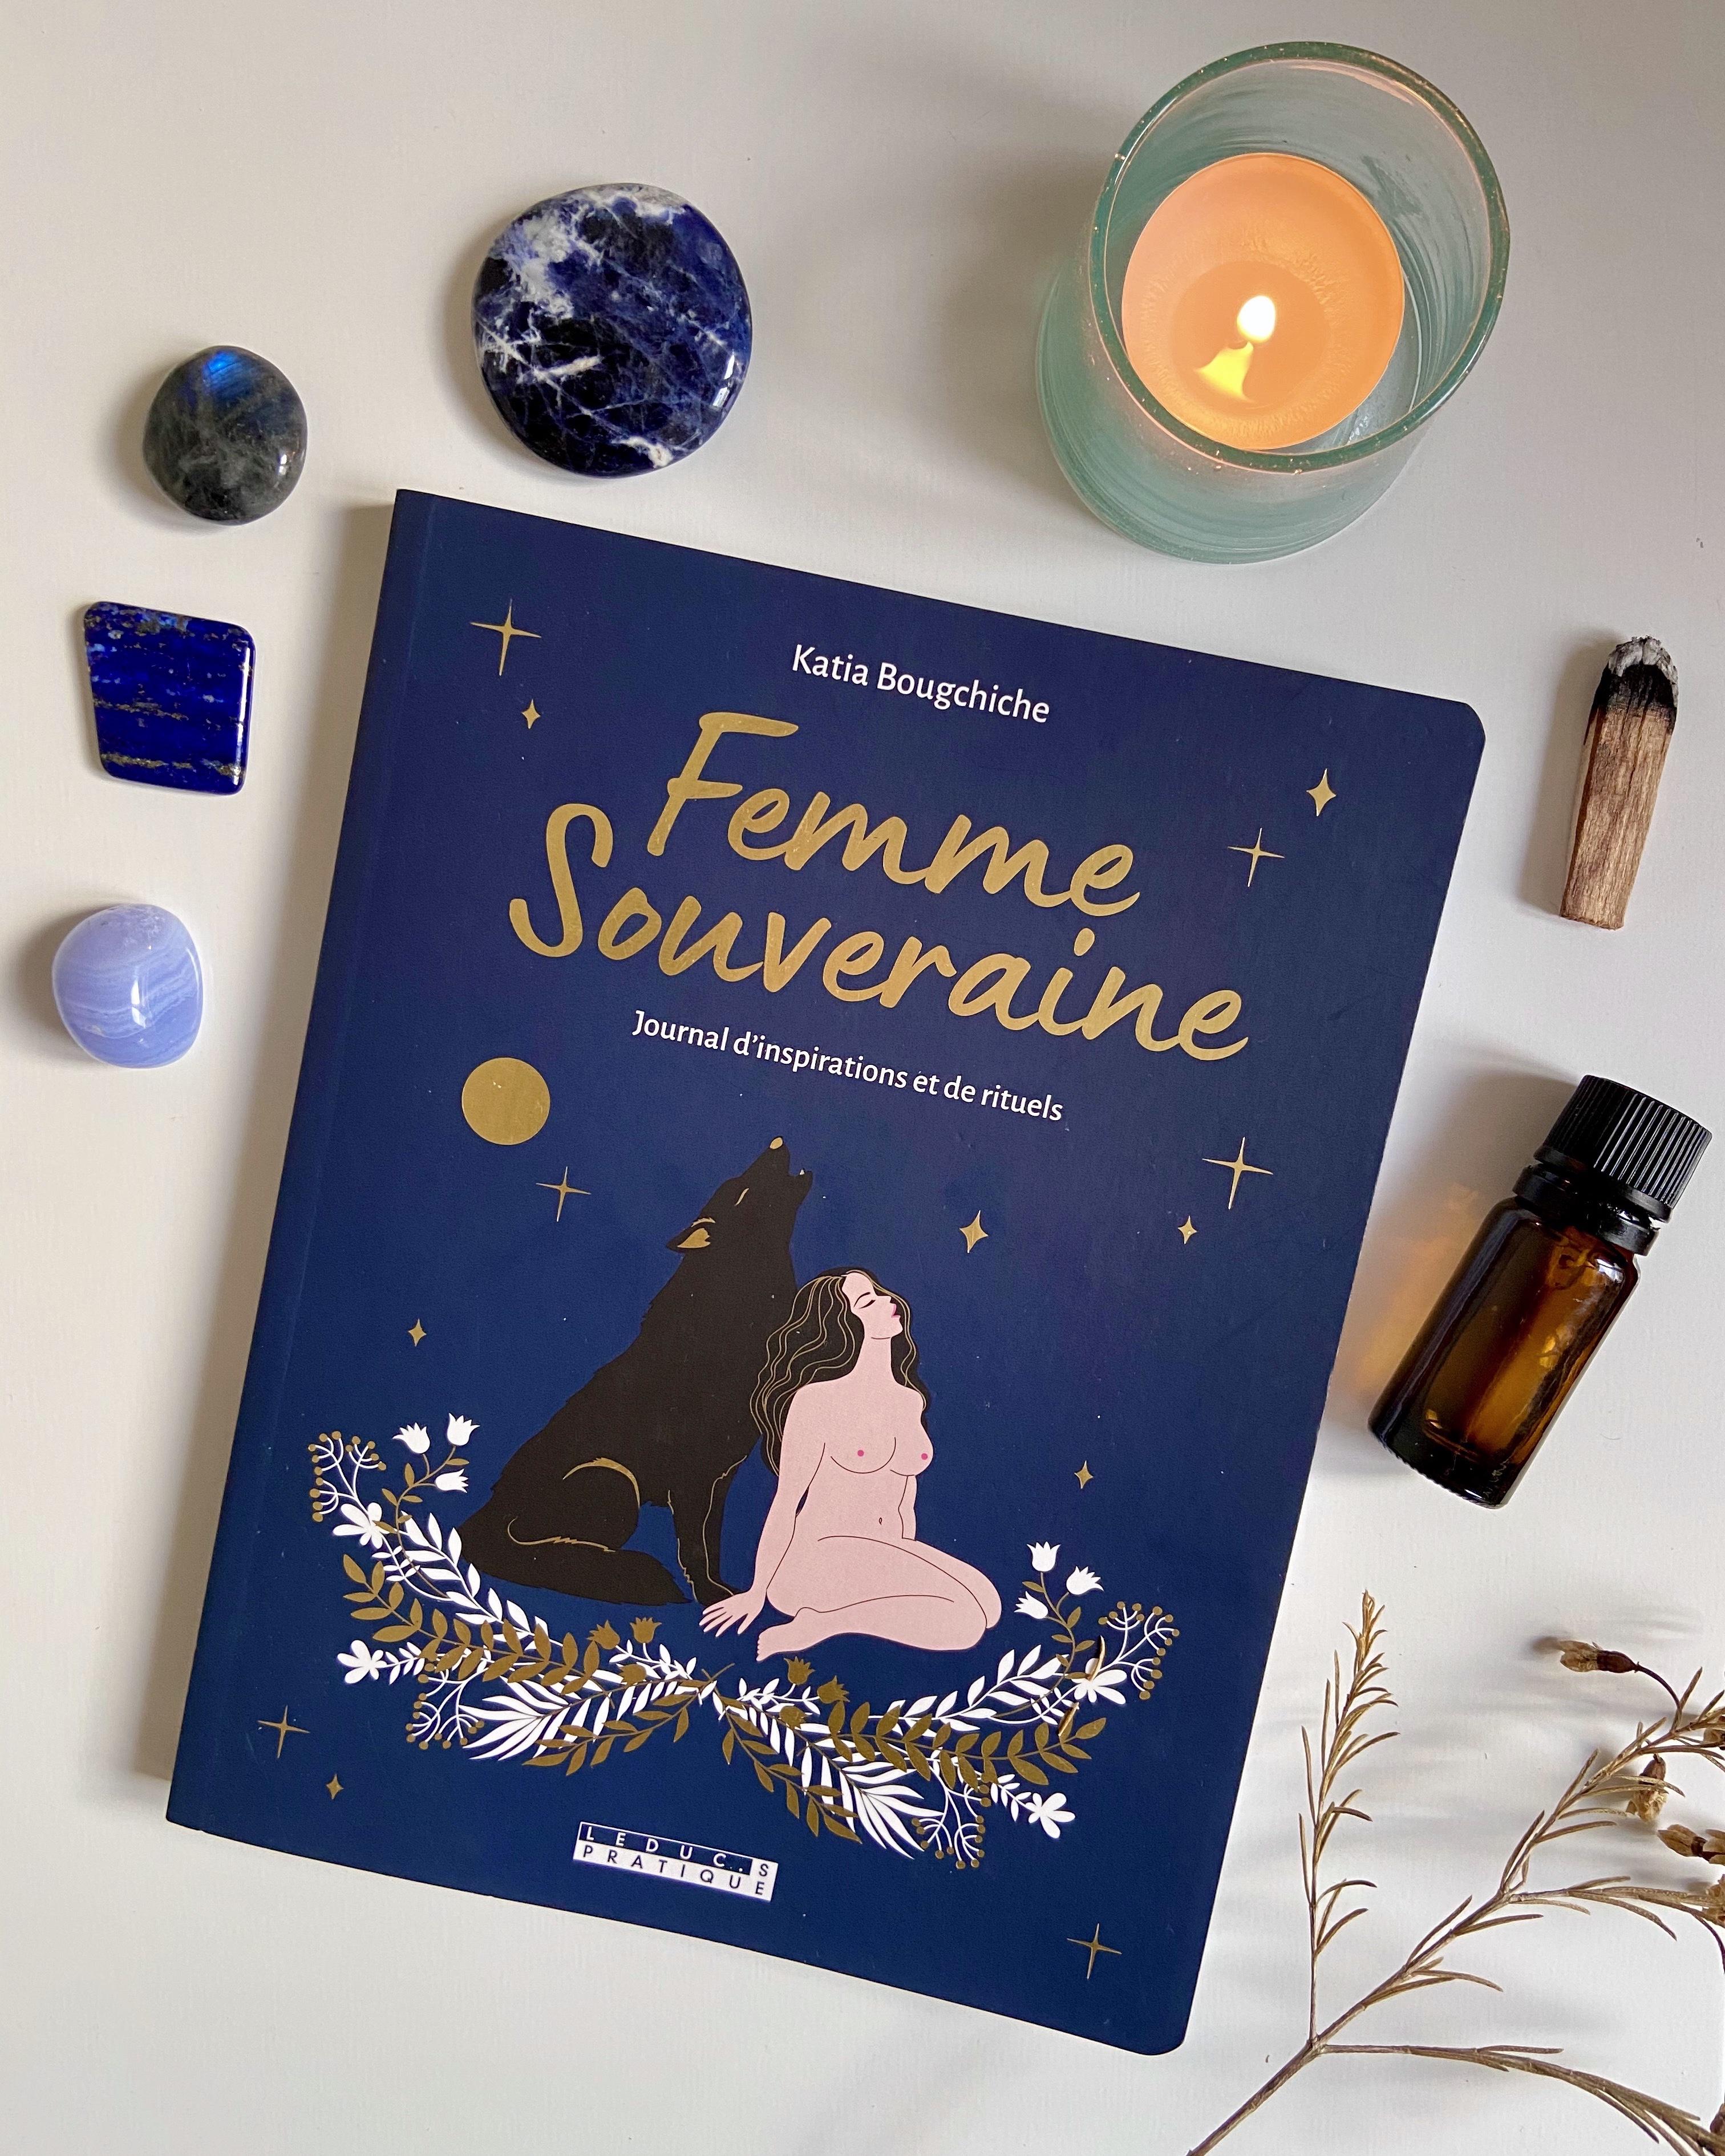 Femme Souveraine, Journal d'Inspirations et de Rituels